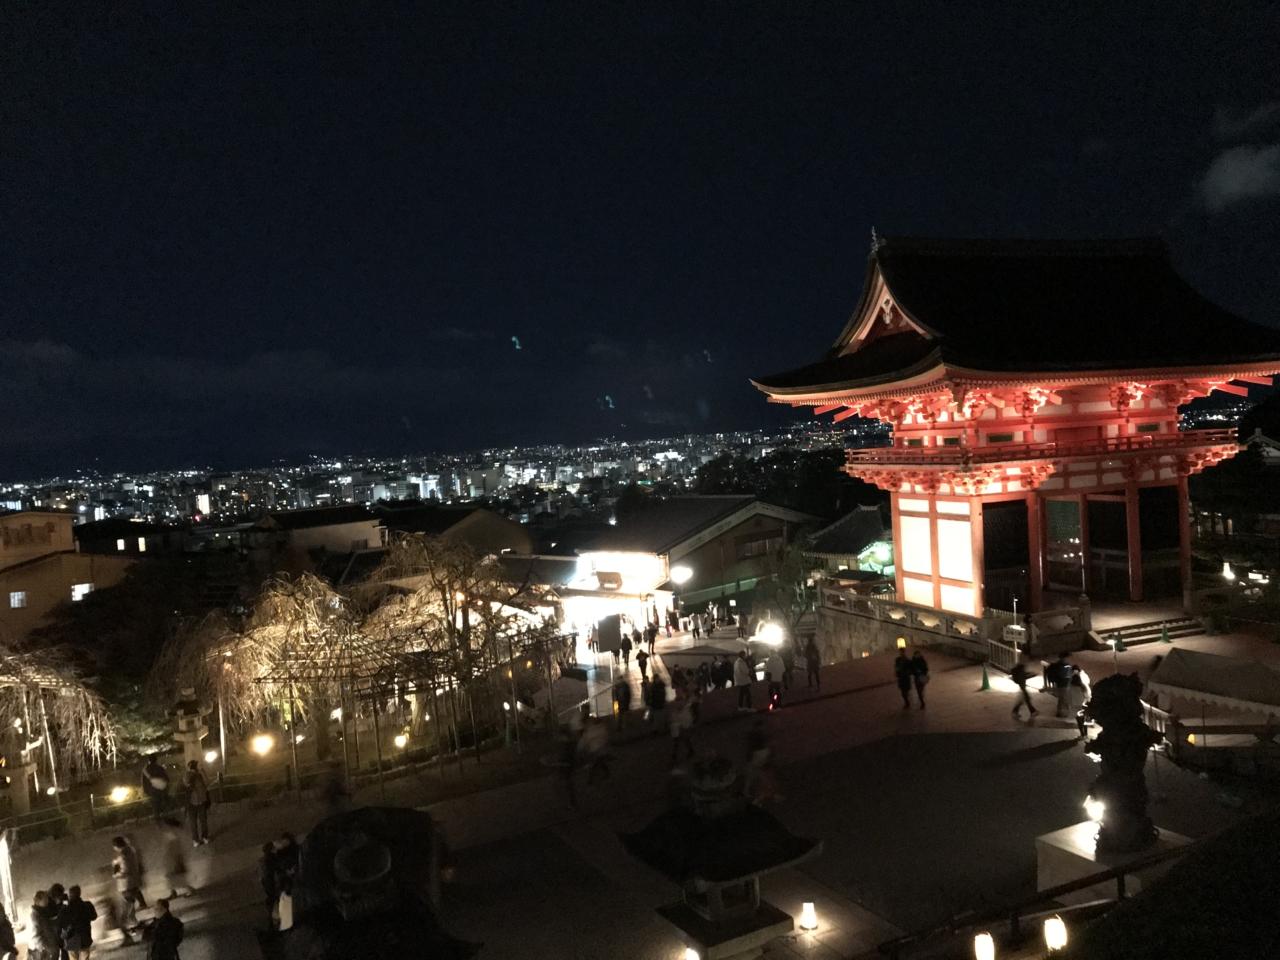 高台寺周辺の清水寺